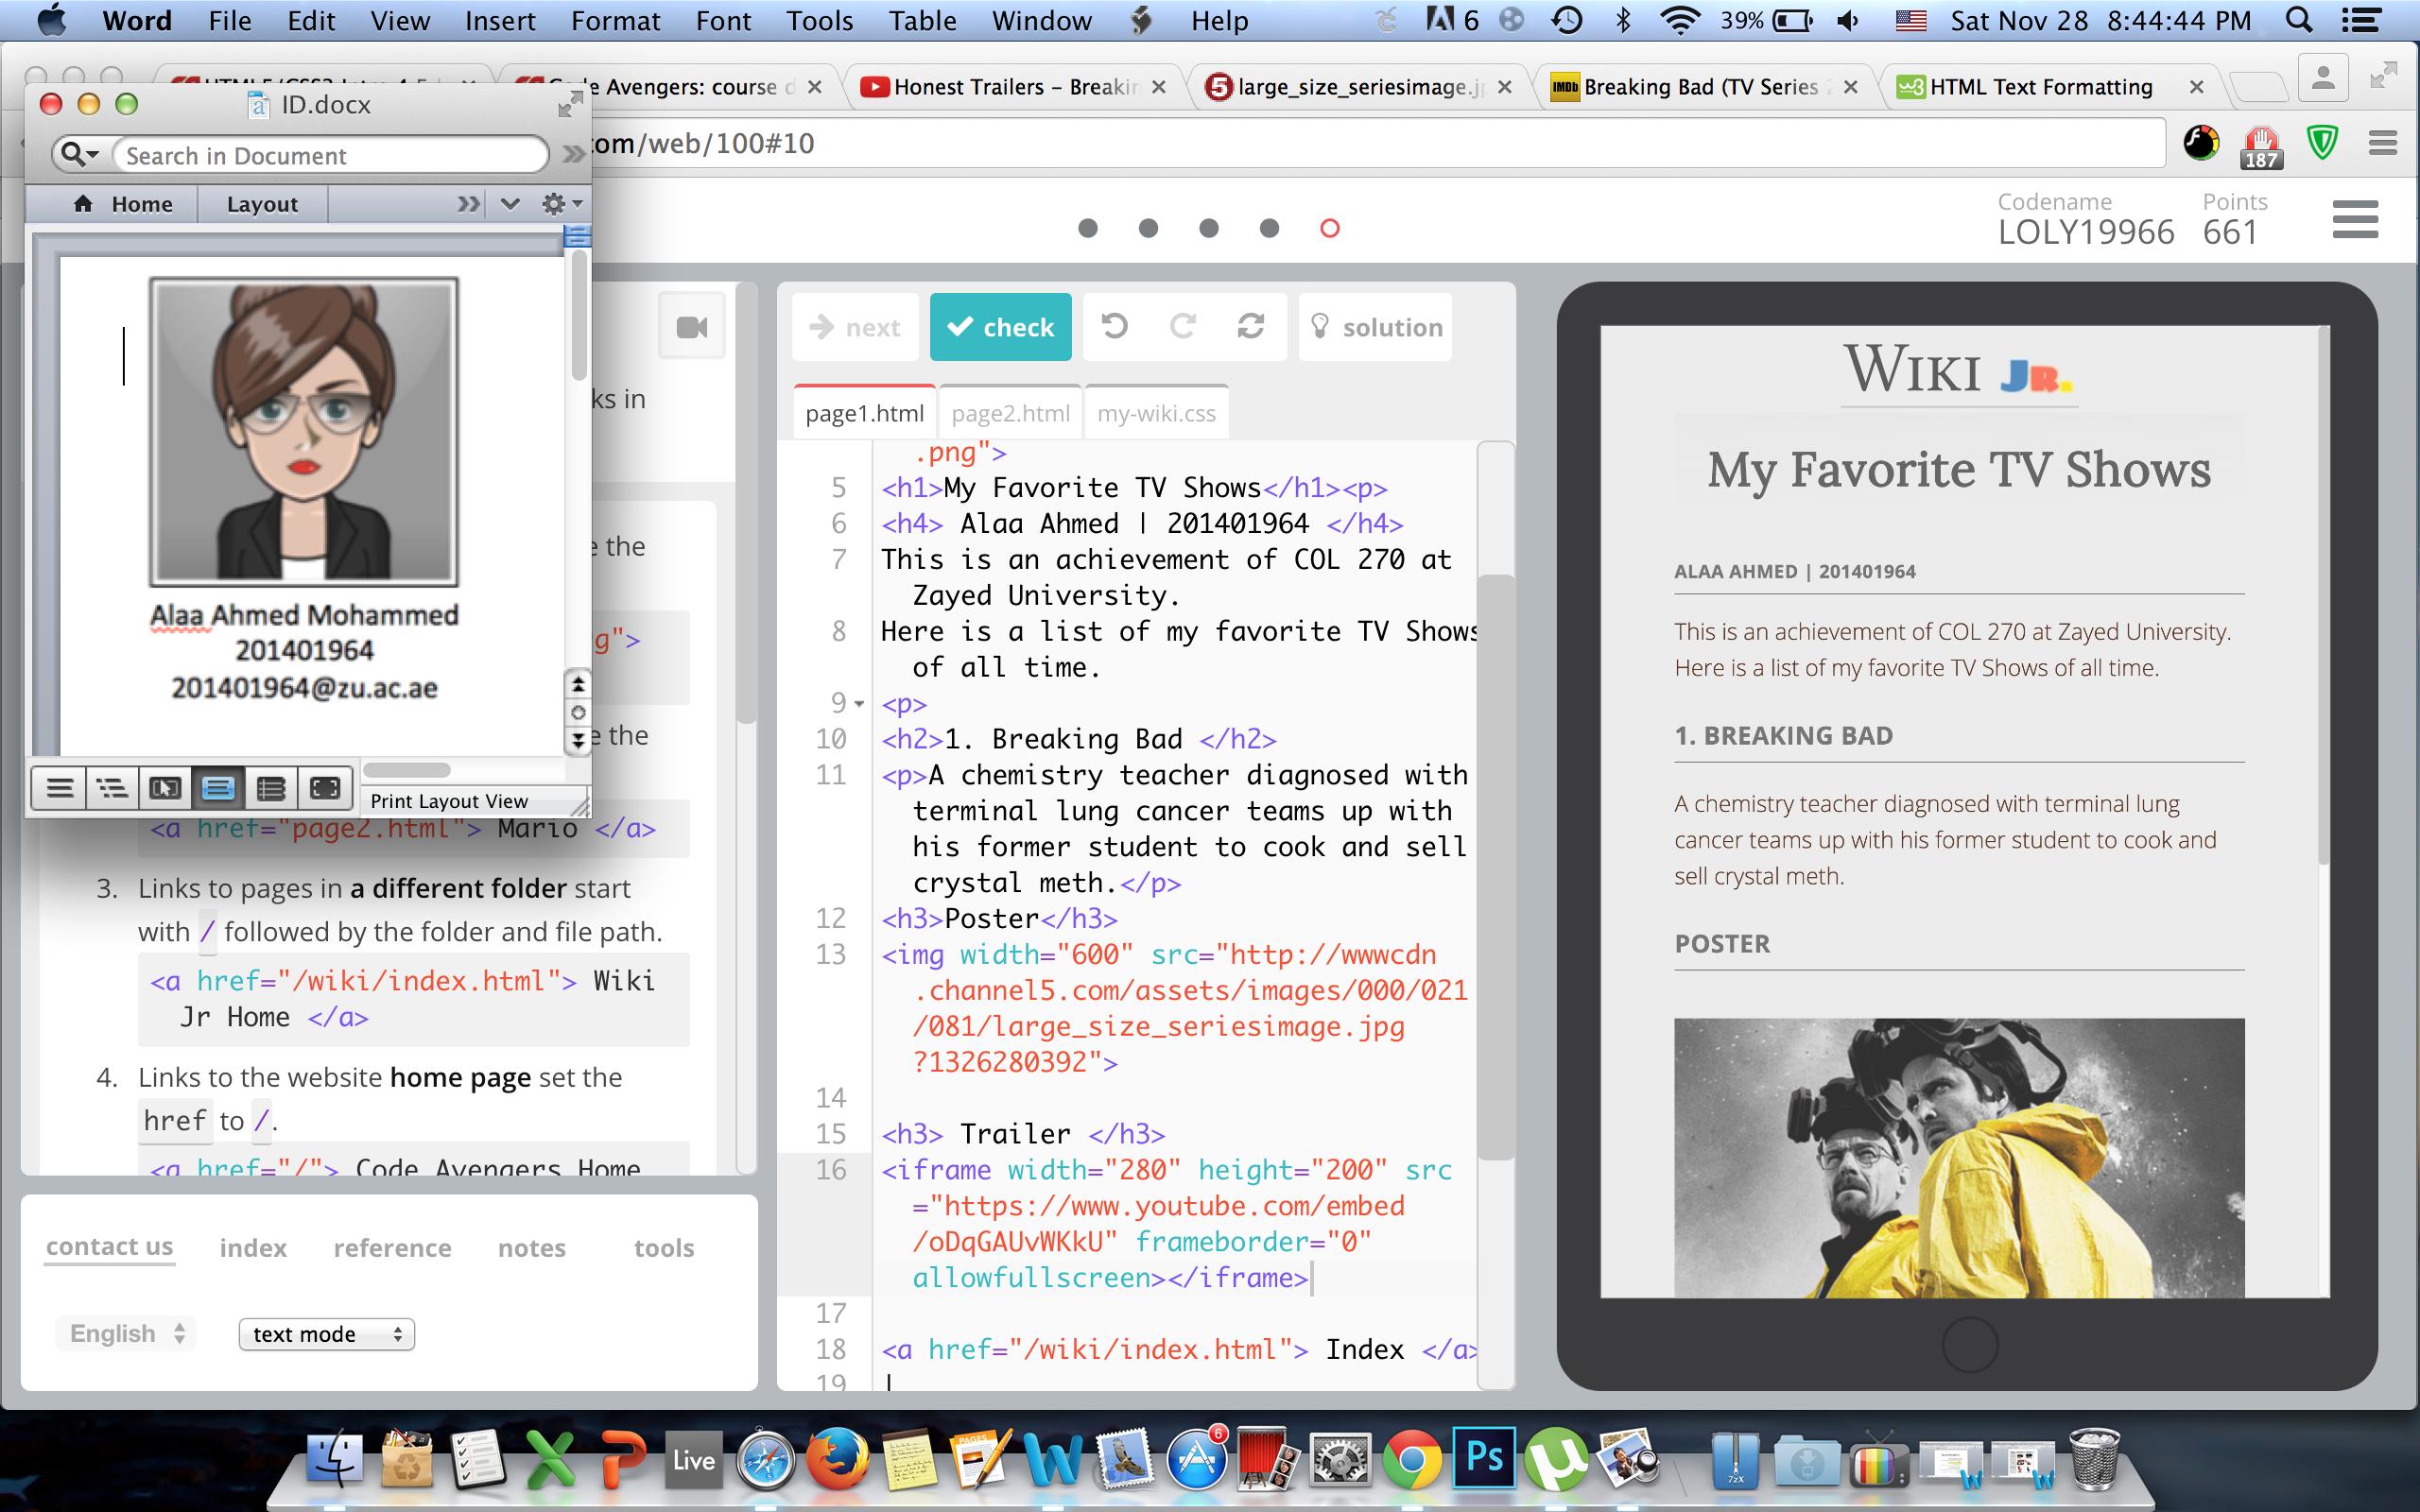 Active: (45) Practice HTML | COL 270 Achievements